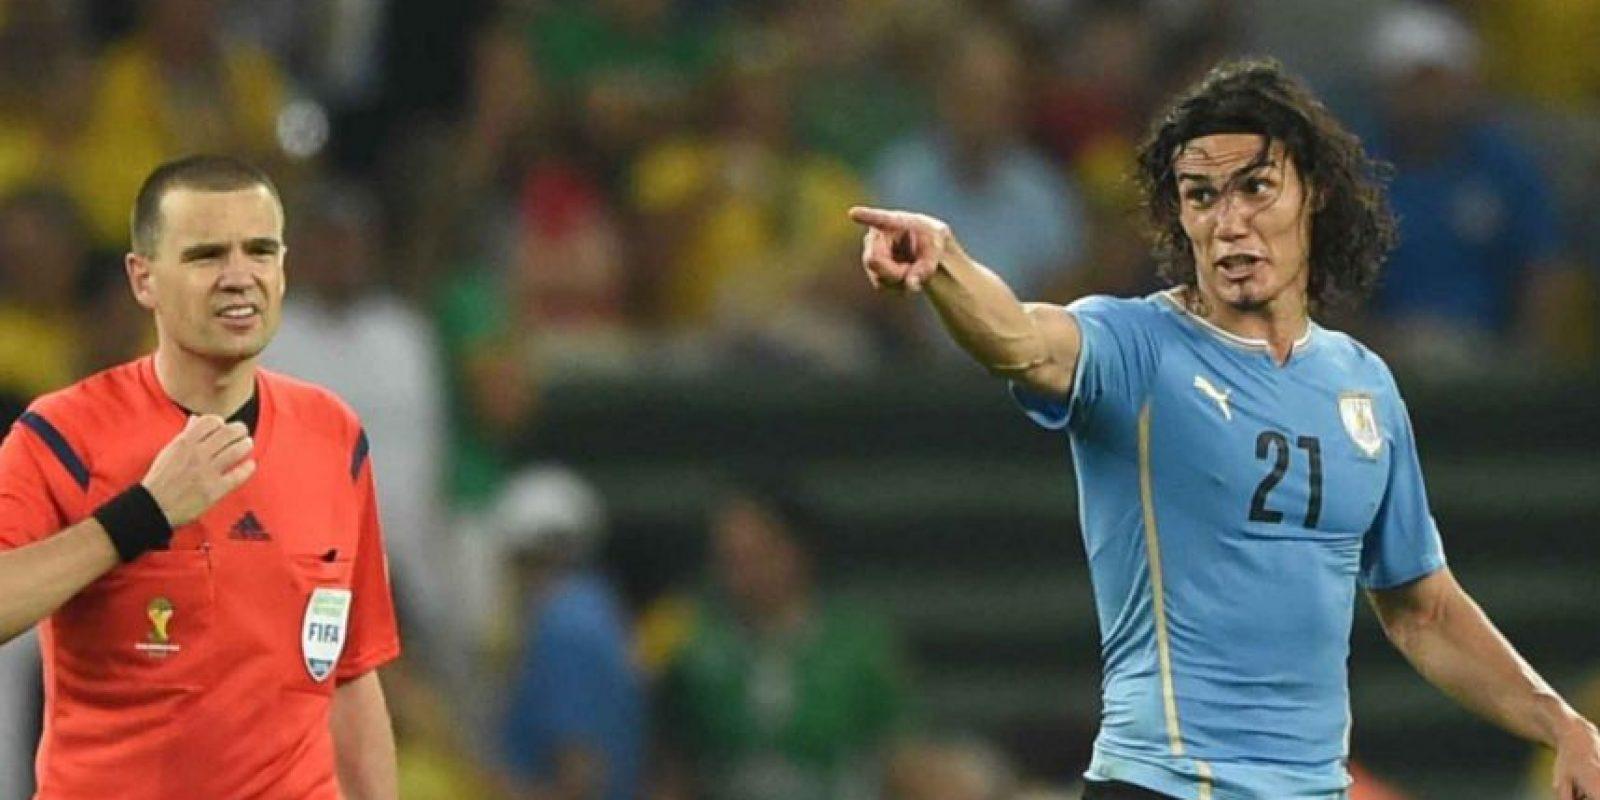 ¿Quién será el mejor jugador el torneo? Por Lionel Messi pagan dos dólares, mientras que por el uruguayo Edinson Cavani, la casa da 17 billetes verdes Foto:Vía ca2015.com